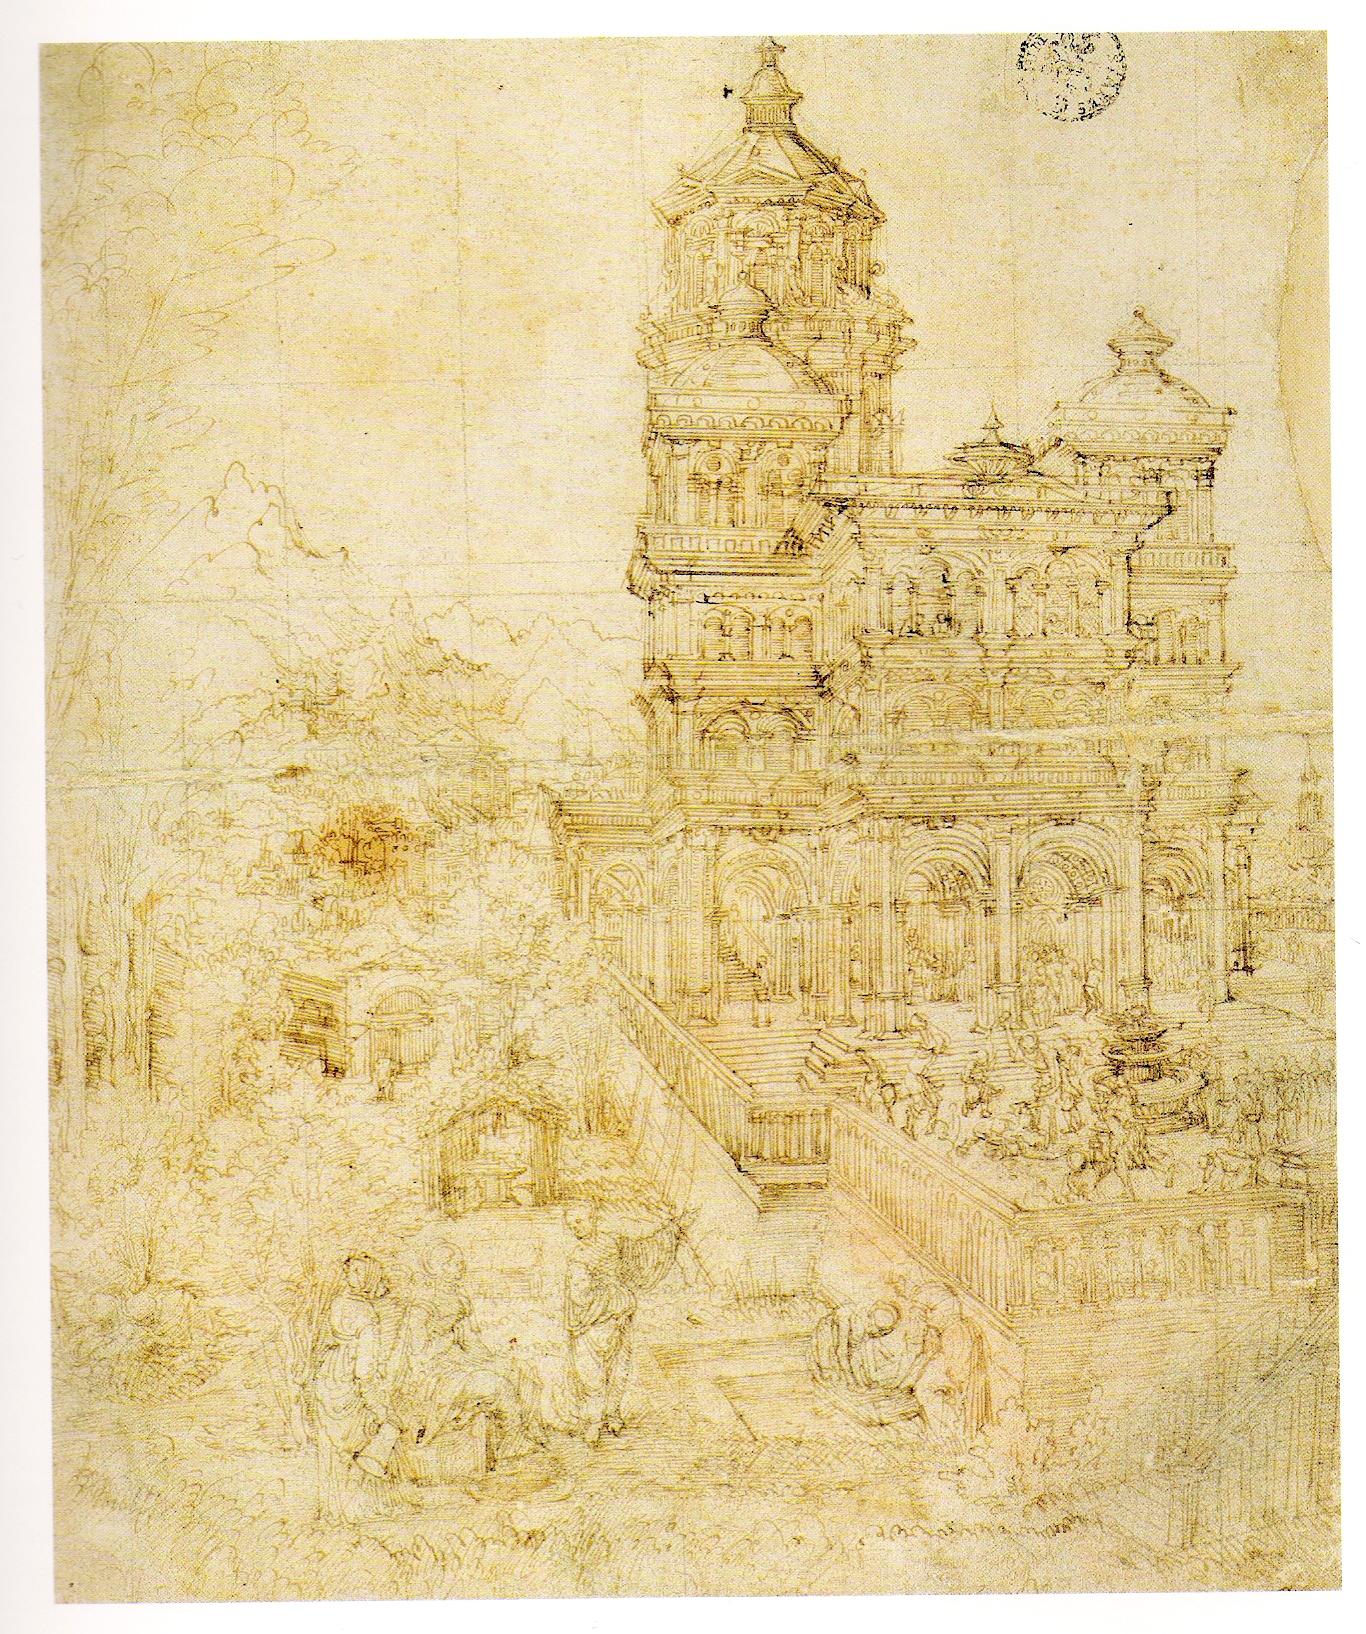 Overallsketch of thepictureSusannaand the Elders, 1526